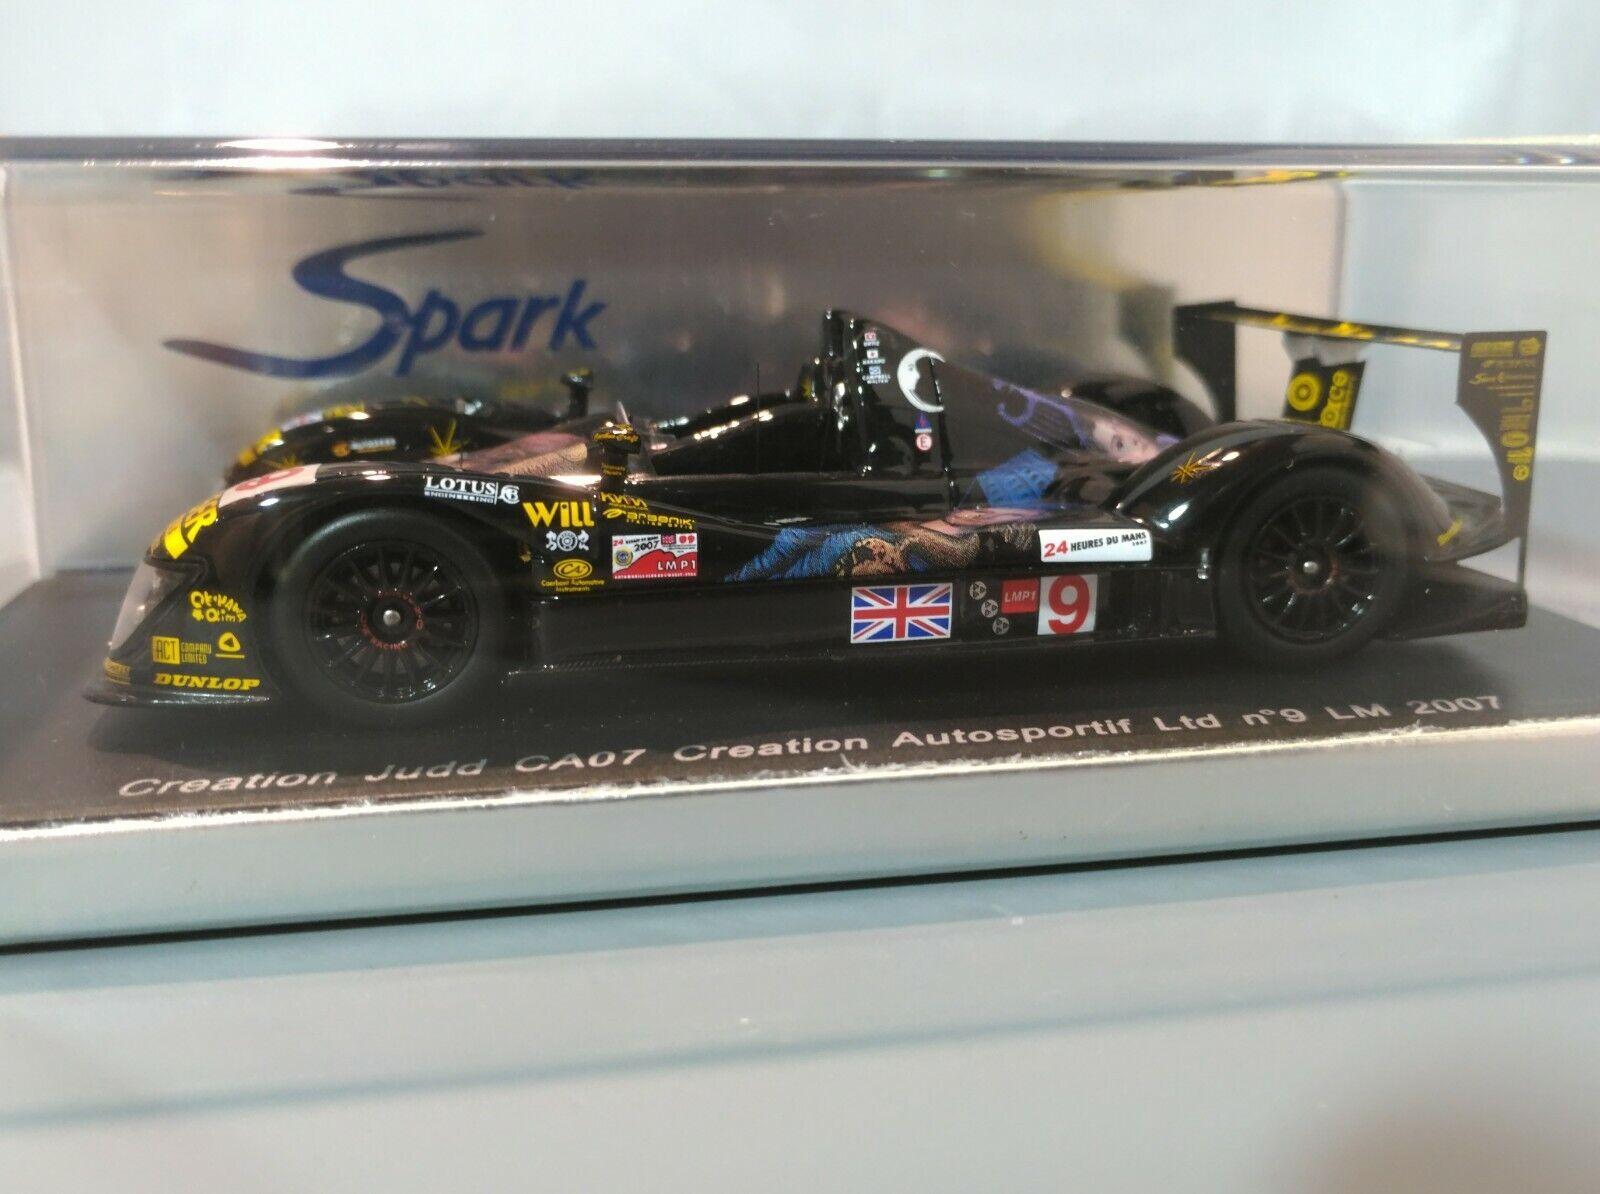 SPARK 1 43 Création CA07 Creation Judd LMP1 2007 LeMans 24 H  9 WEC S1420 RARE